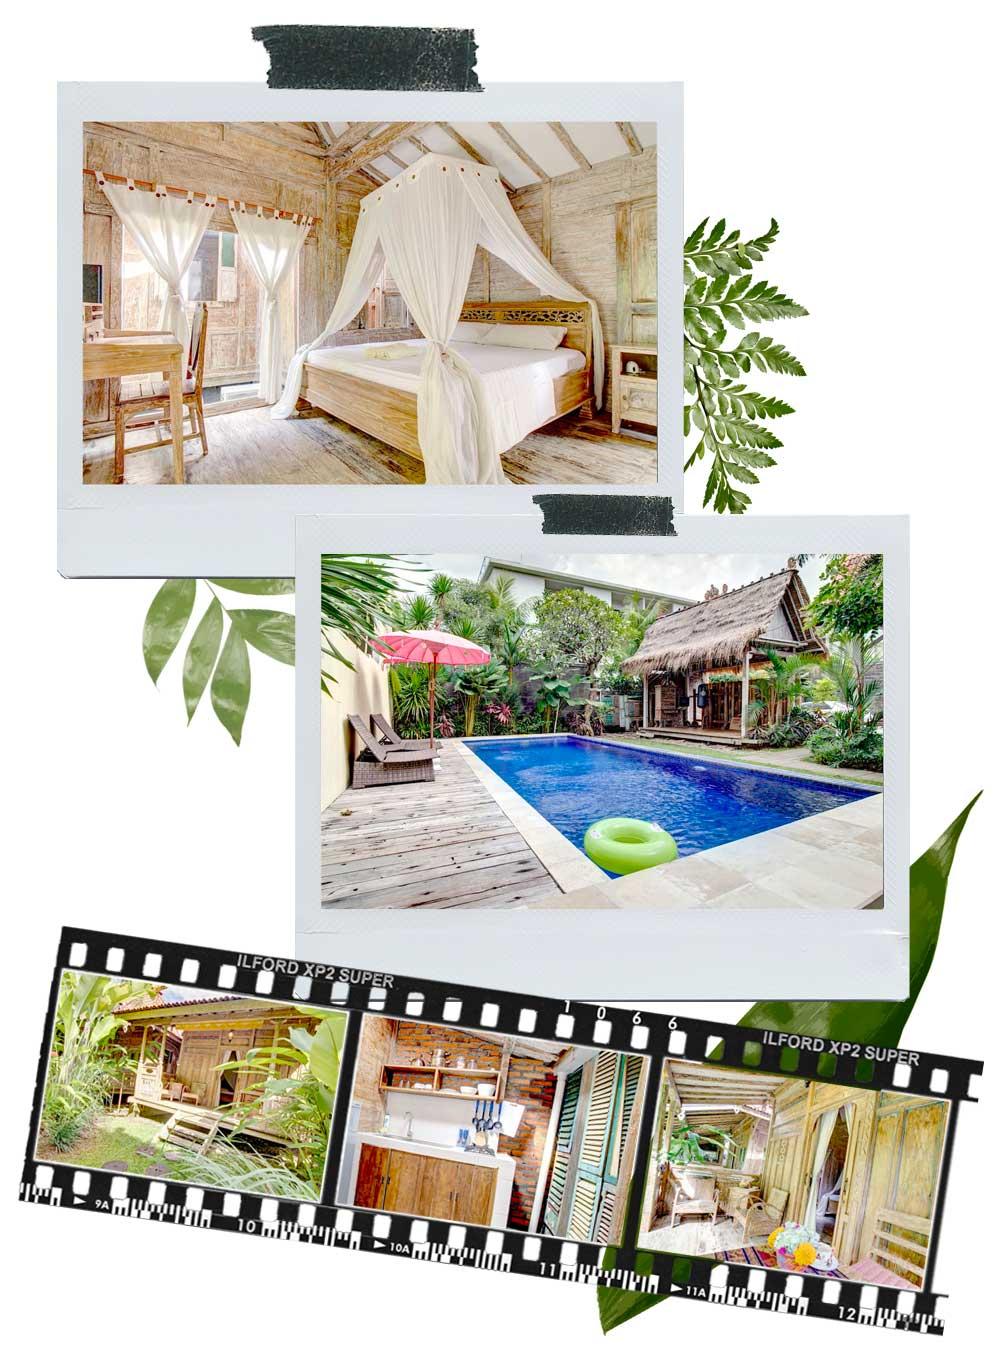 bali_airbnb_pas_cher_milkywaysblueyes